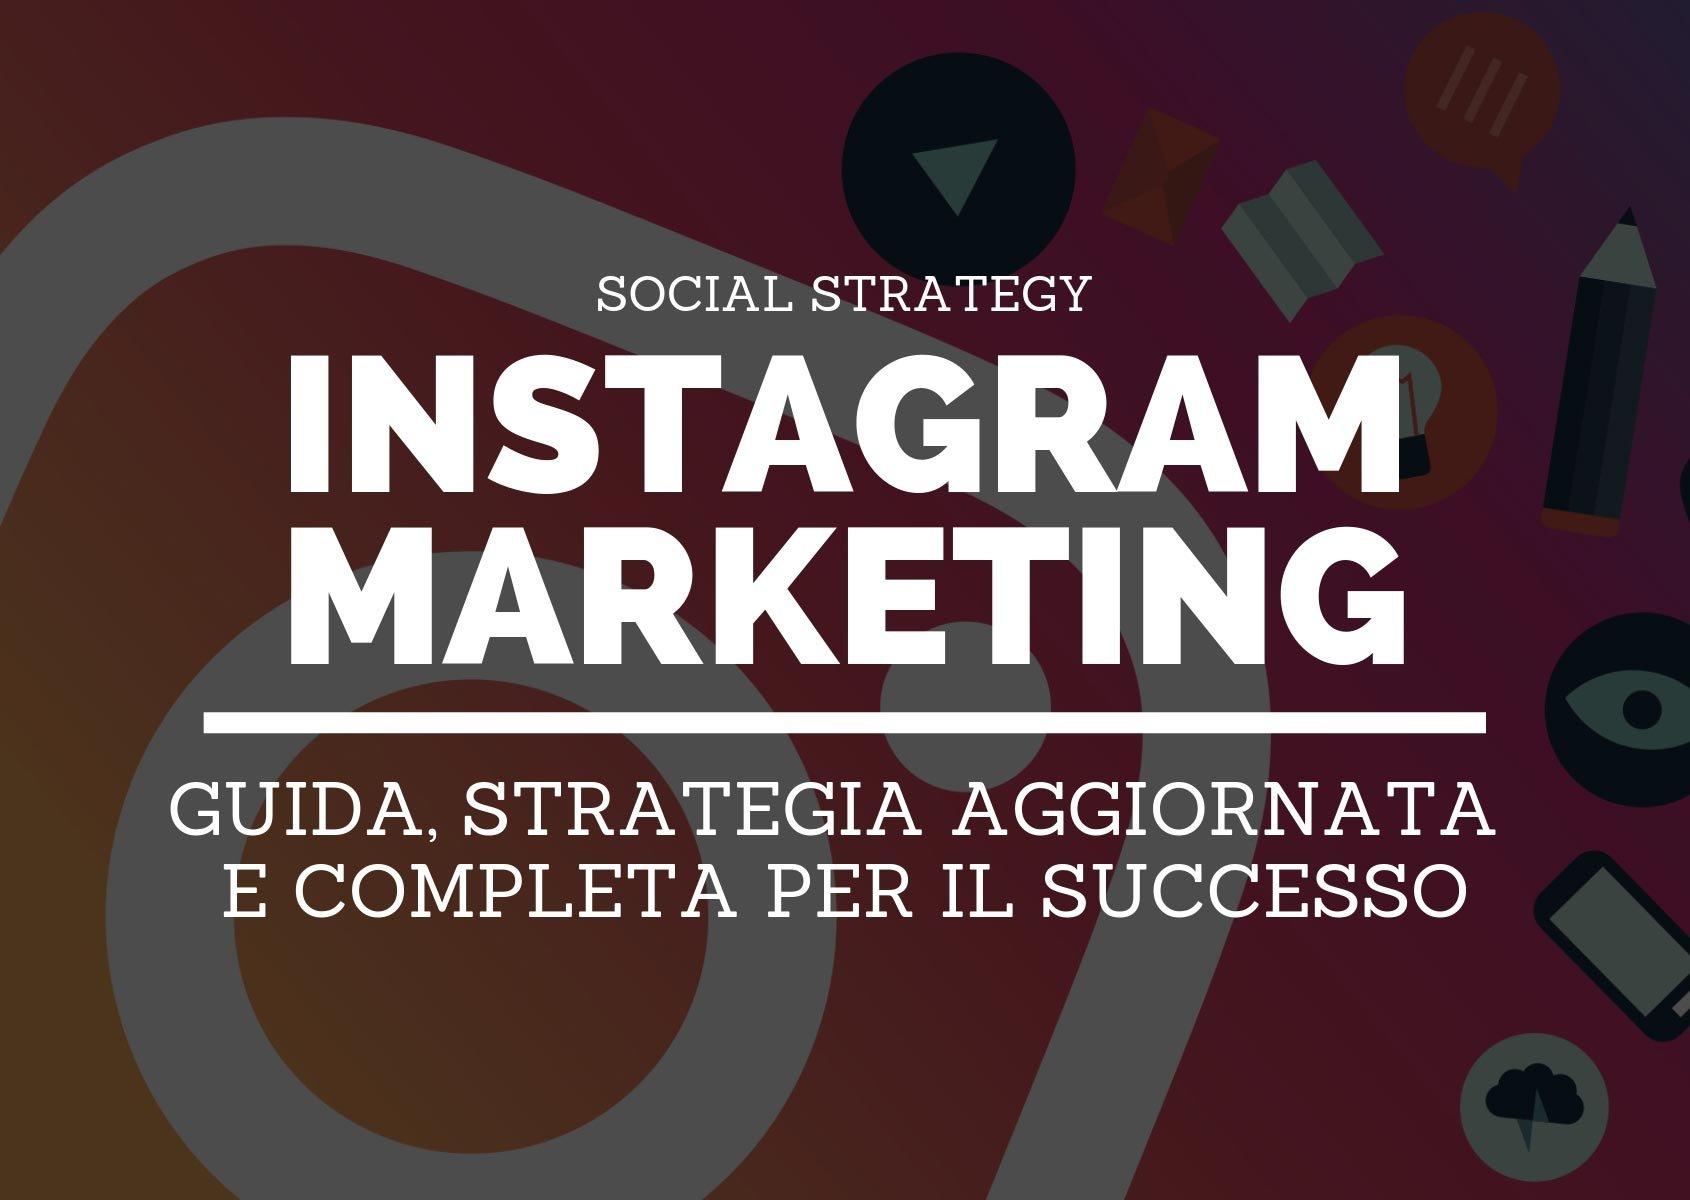 Instagram marketing: guida e strategia verso il successo